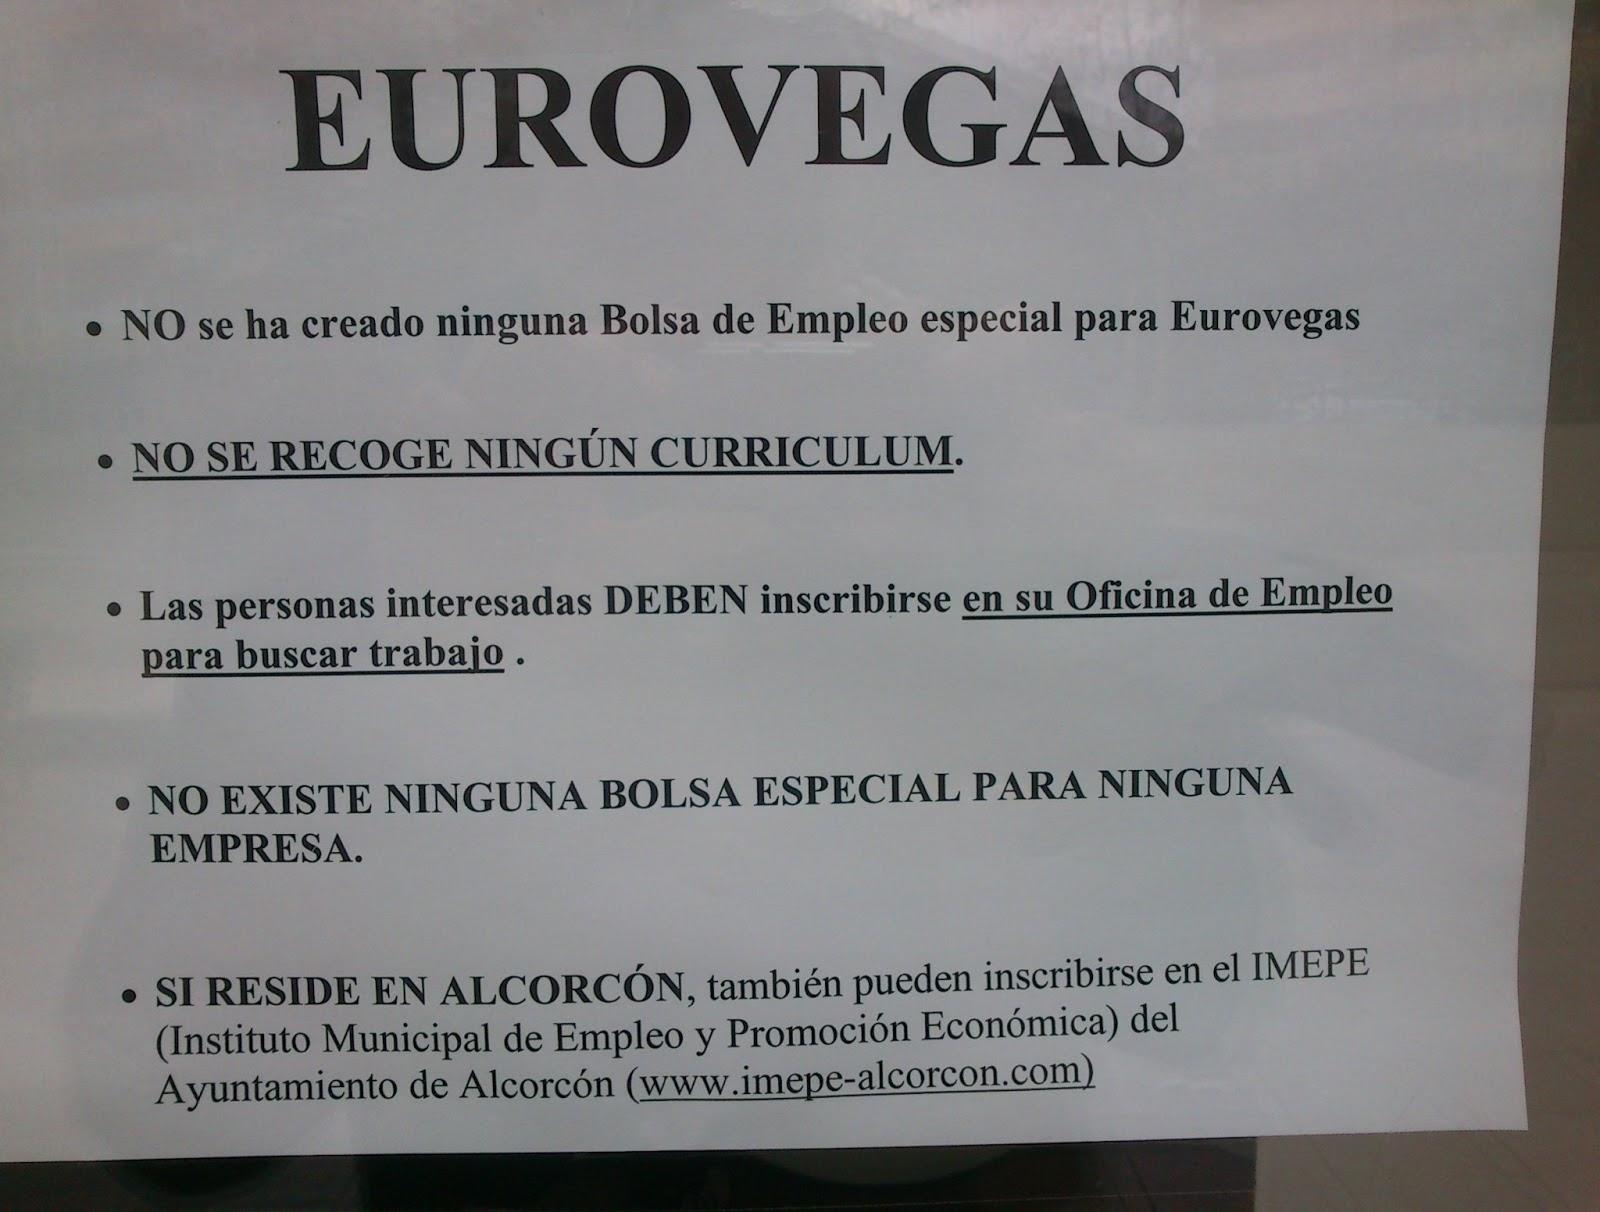 LA BOLSA DE EMPLEO DE EUROVEGAS   Alcorcón Insólito